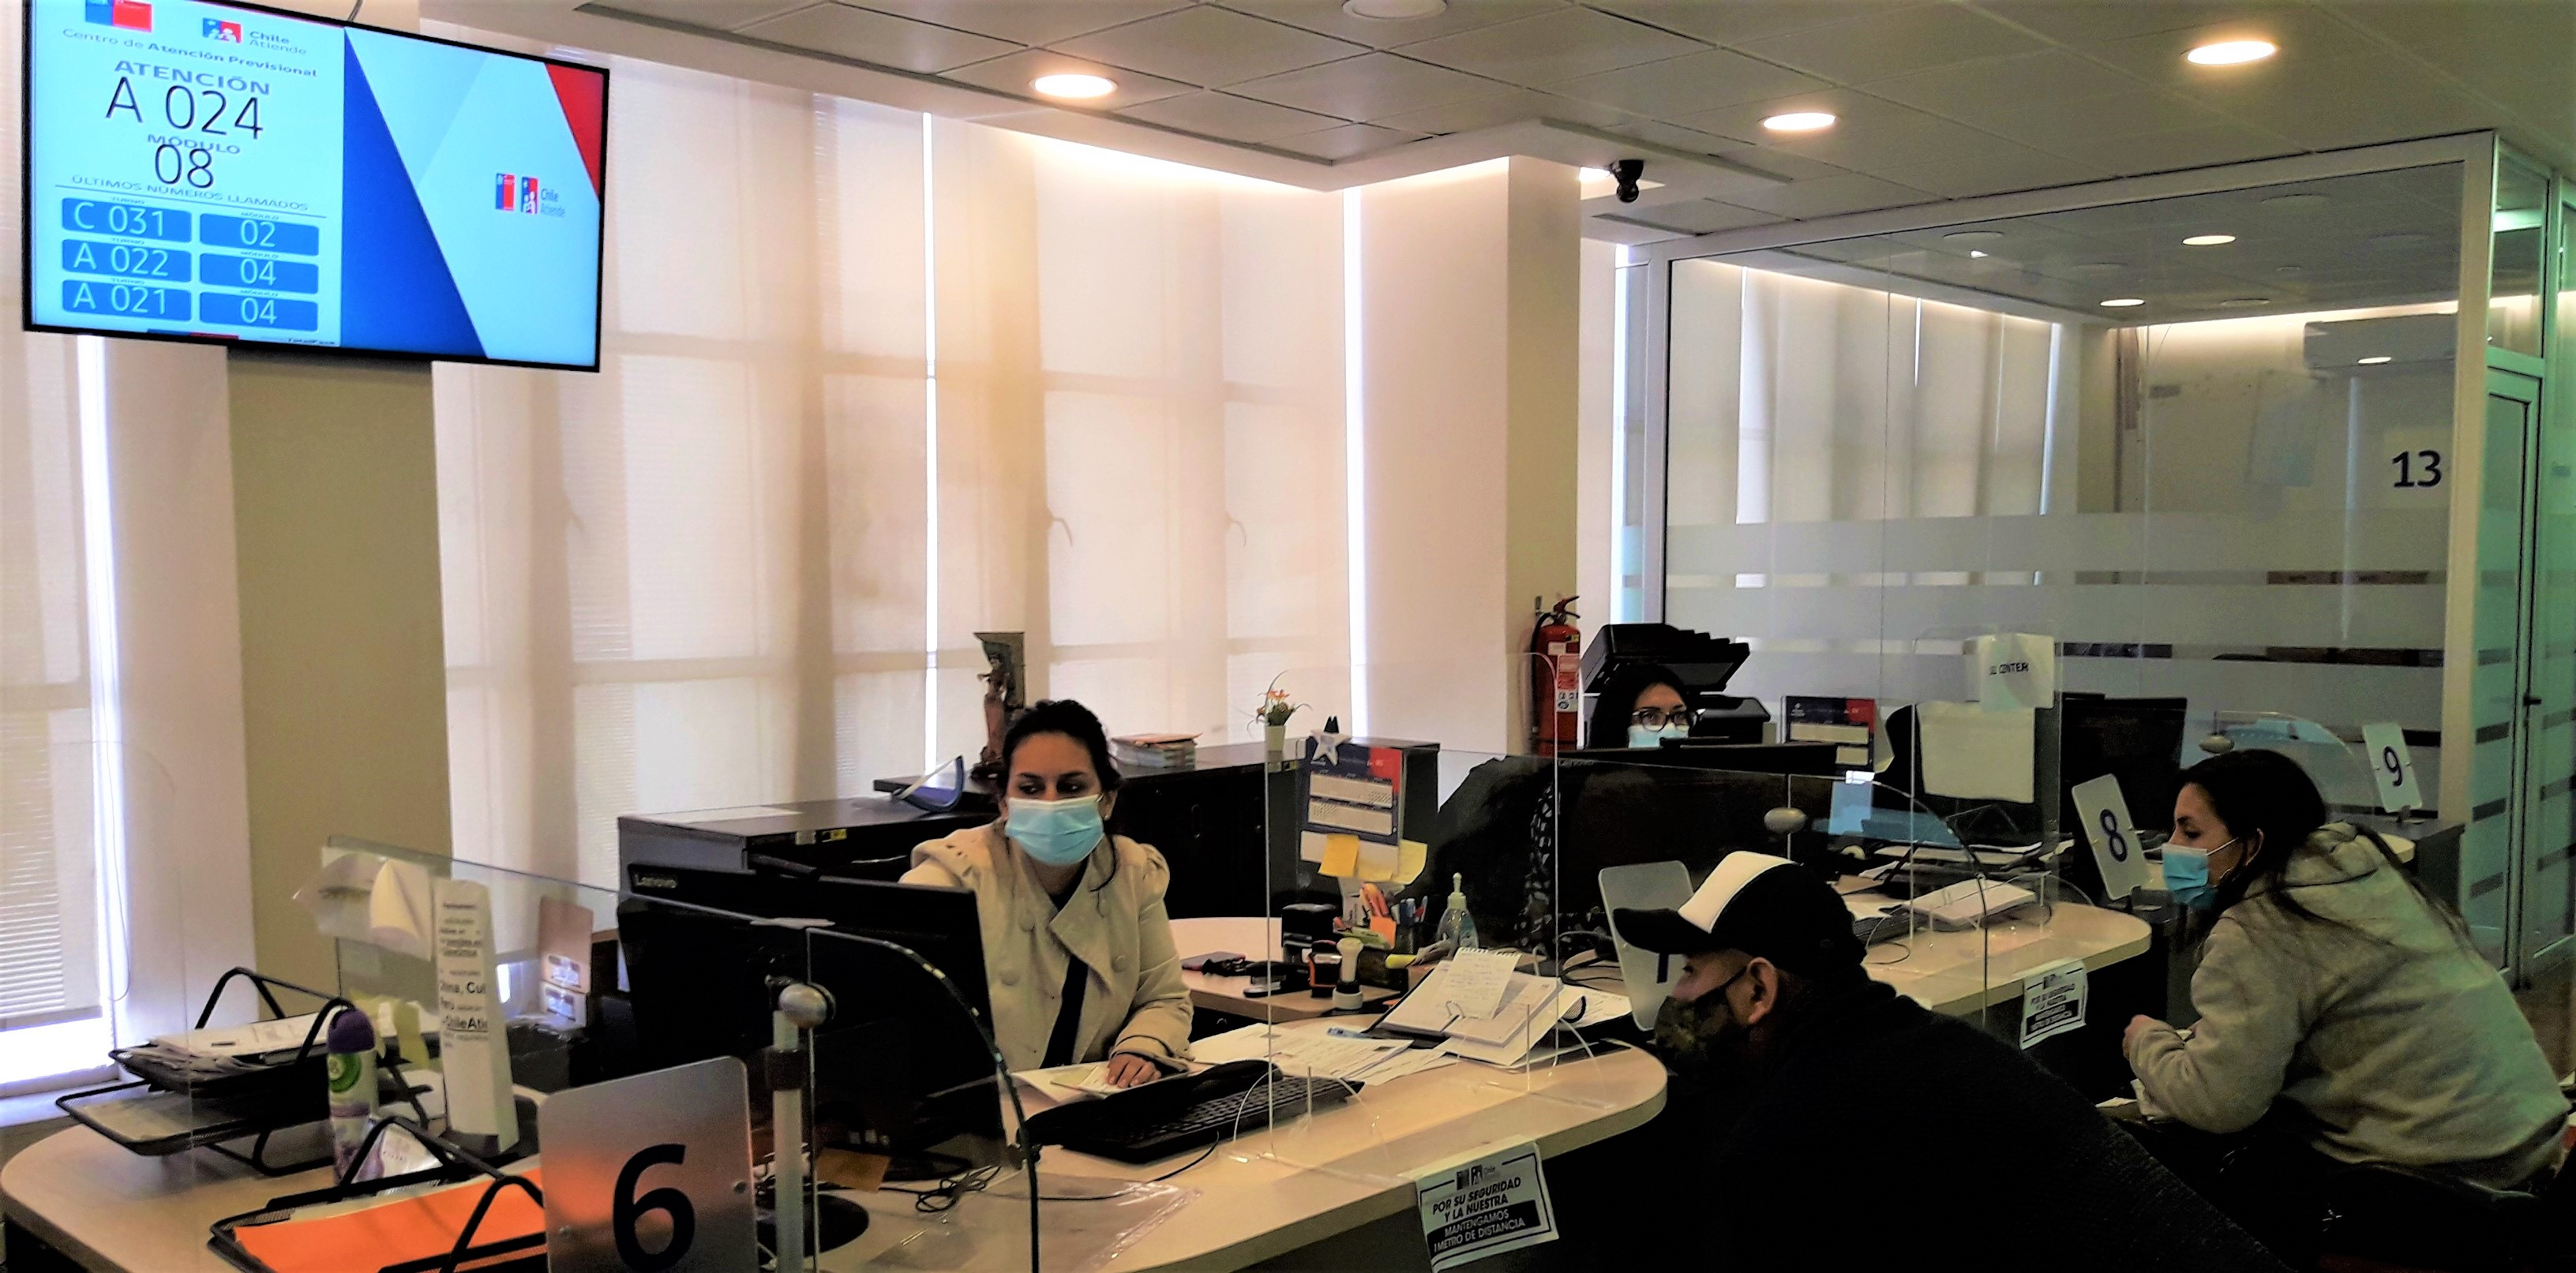 CHILEATIENDE INFORMA SOBRE MODALIDAD DE ATENCIÓN EN SUCURSALES DE LA REGIÓN DURANTE CUARENTENA